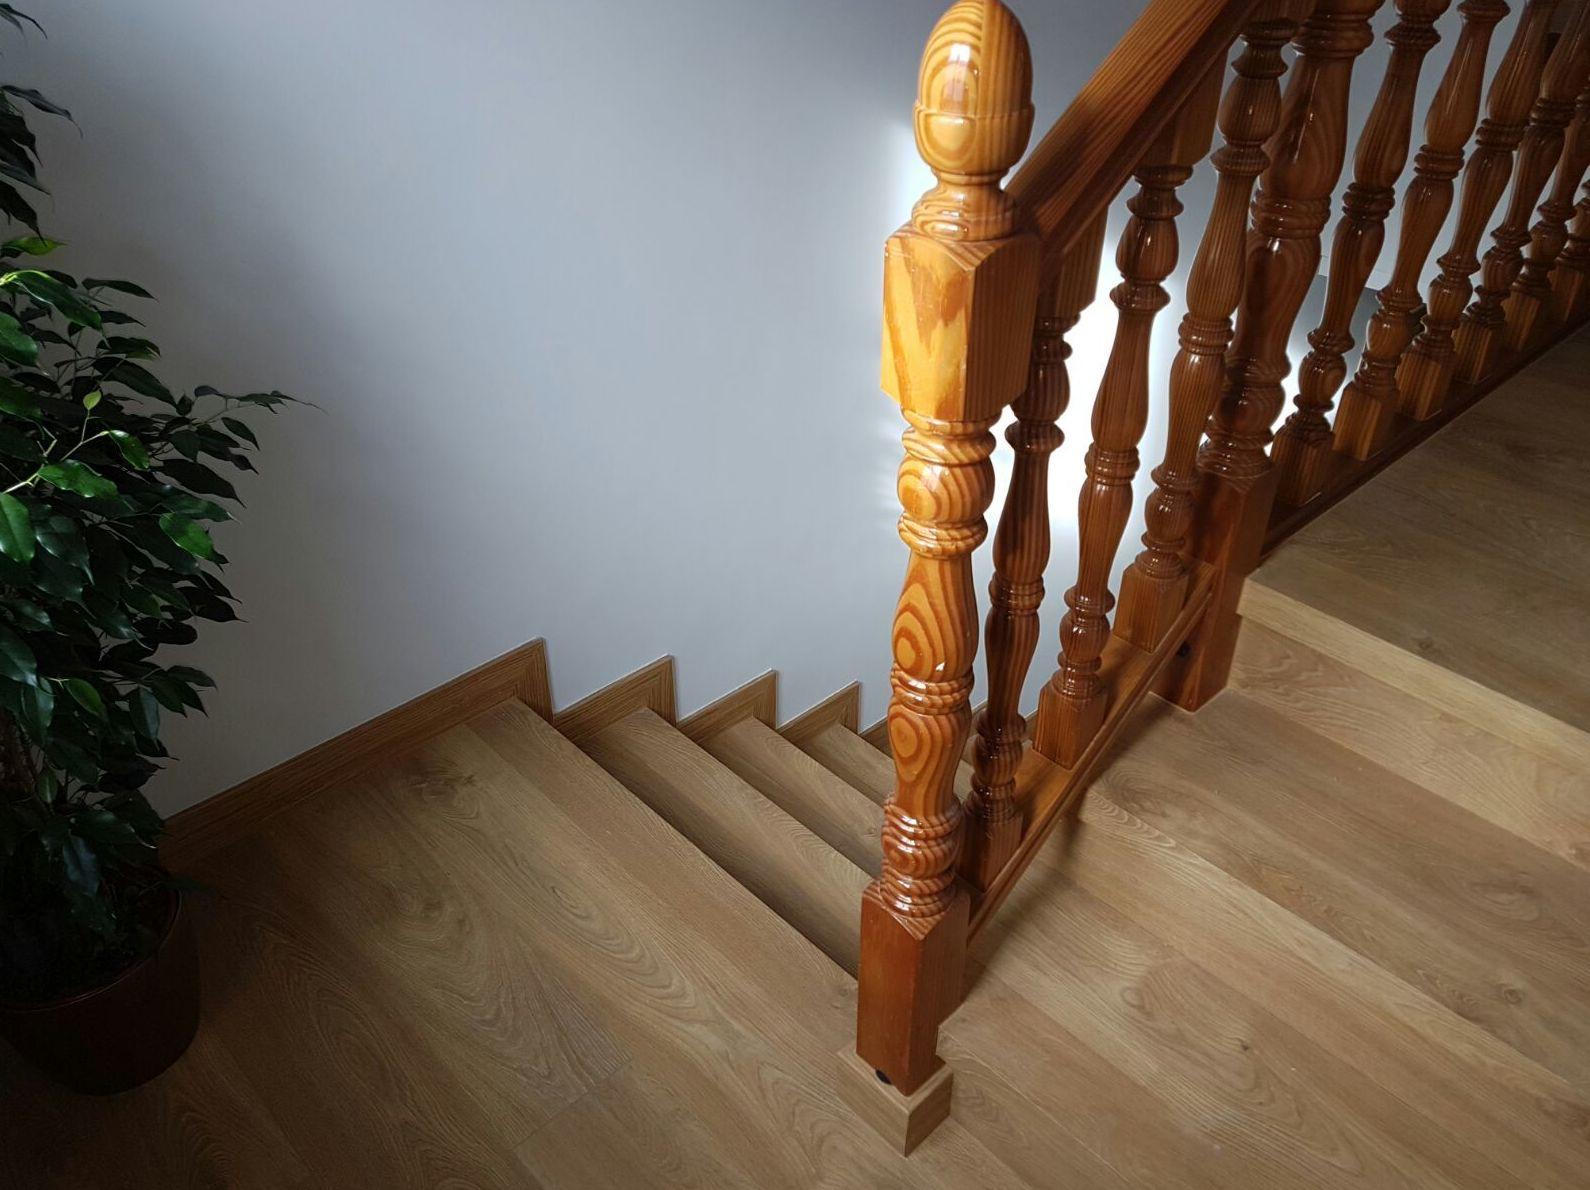 Oferta tarima laminada en escaleras en Villaviciosa